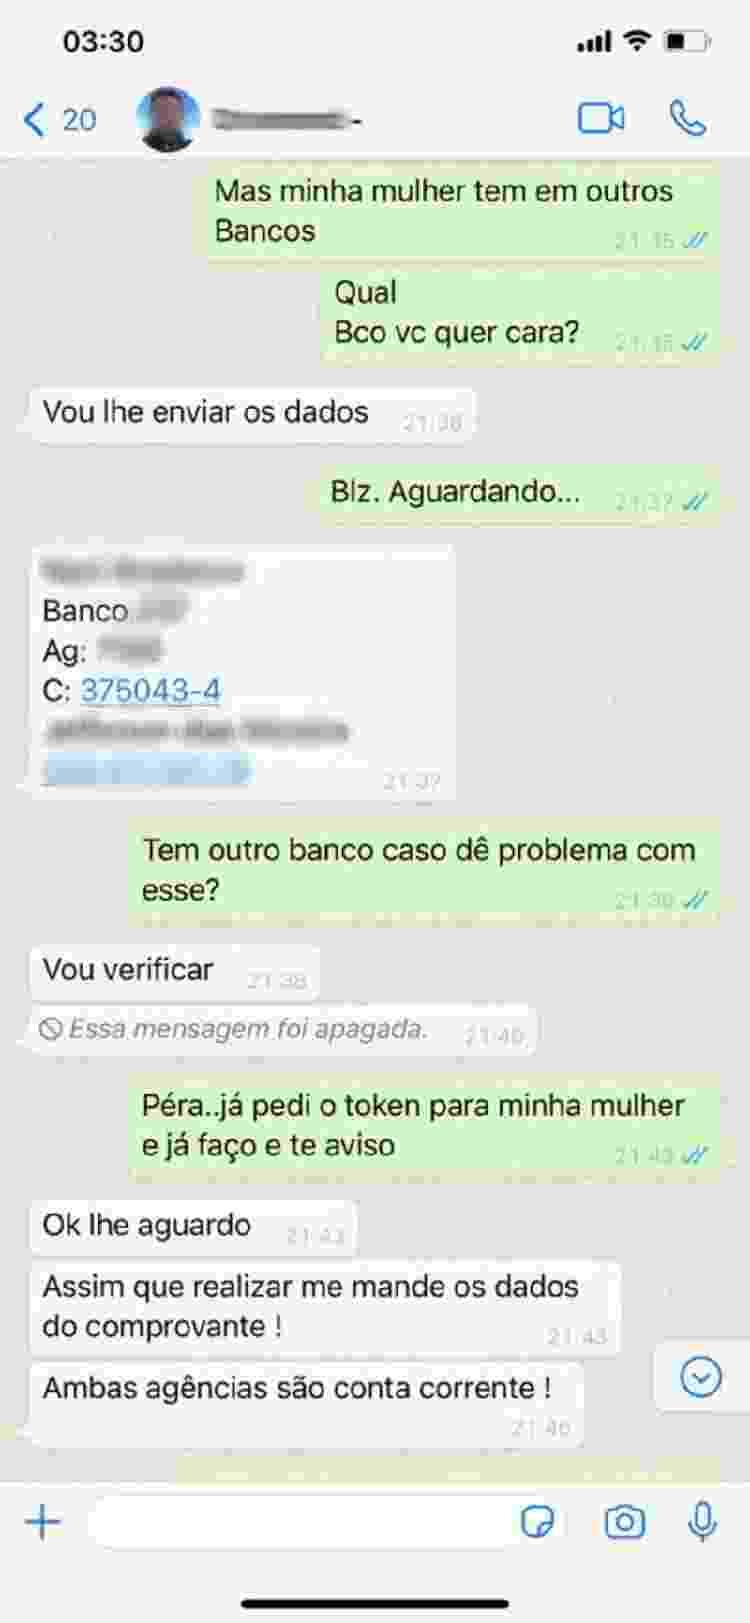 Golpe do WhatsApp (2) - Reprodução/Tudo Golpe - Reprodução/Tudo Golpe